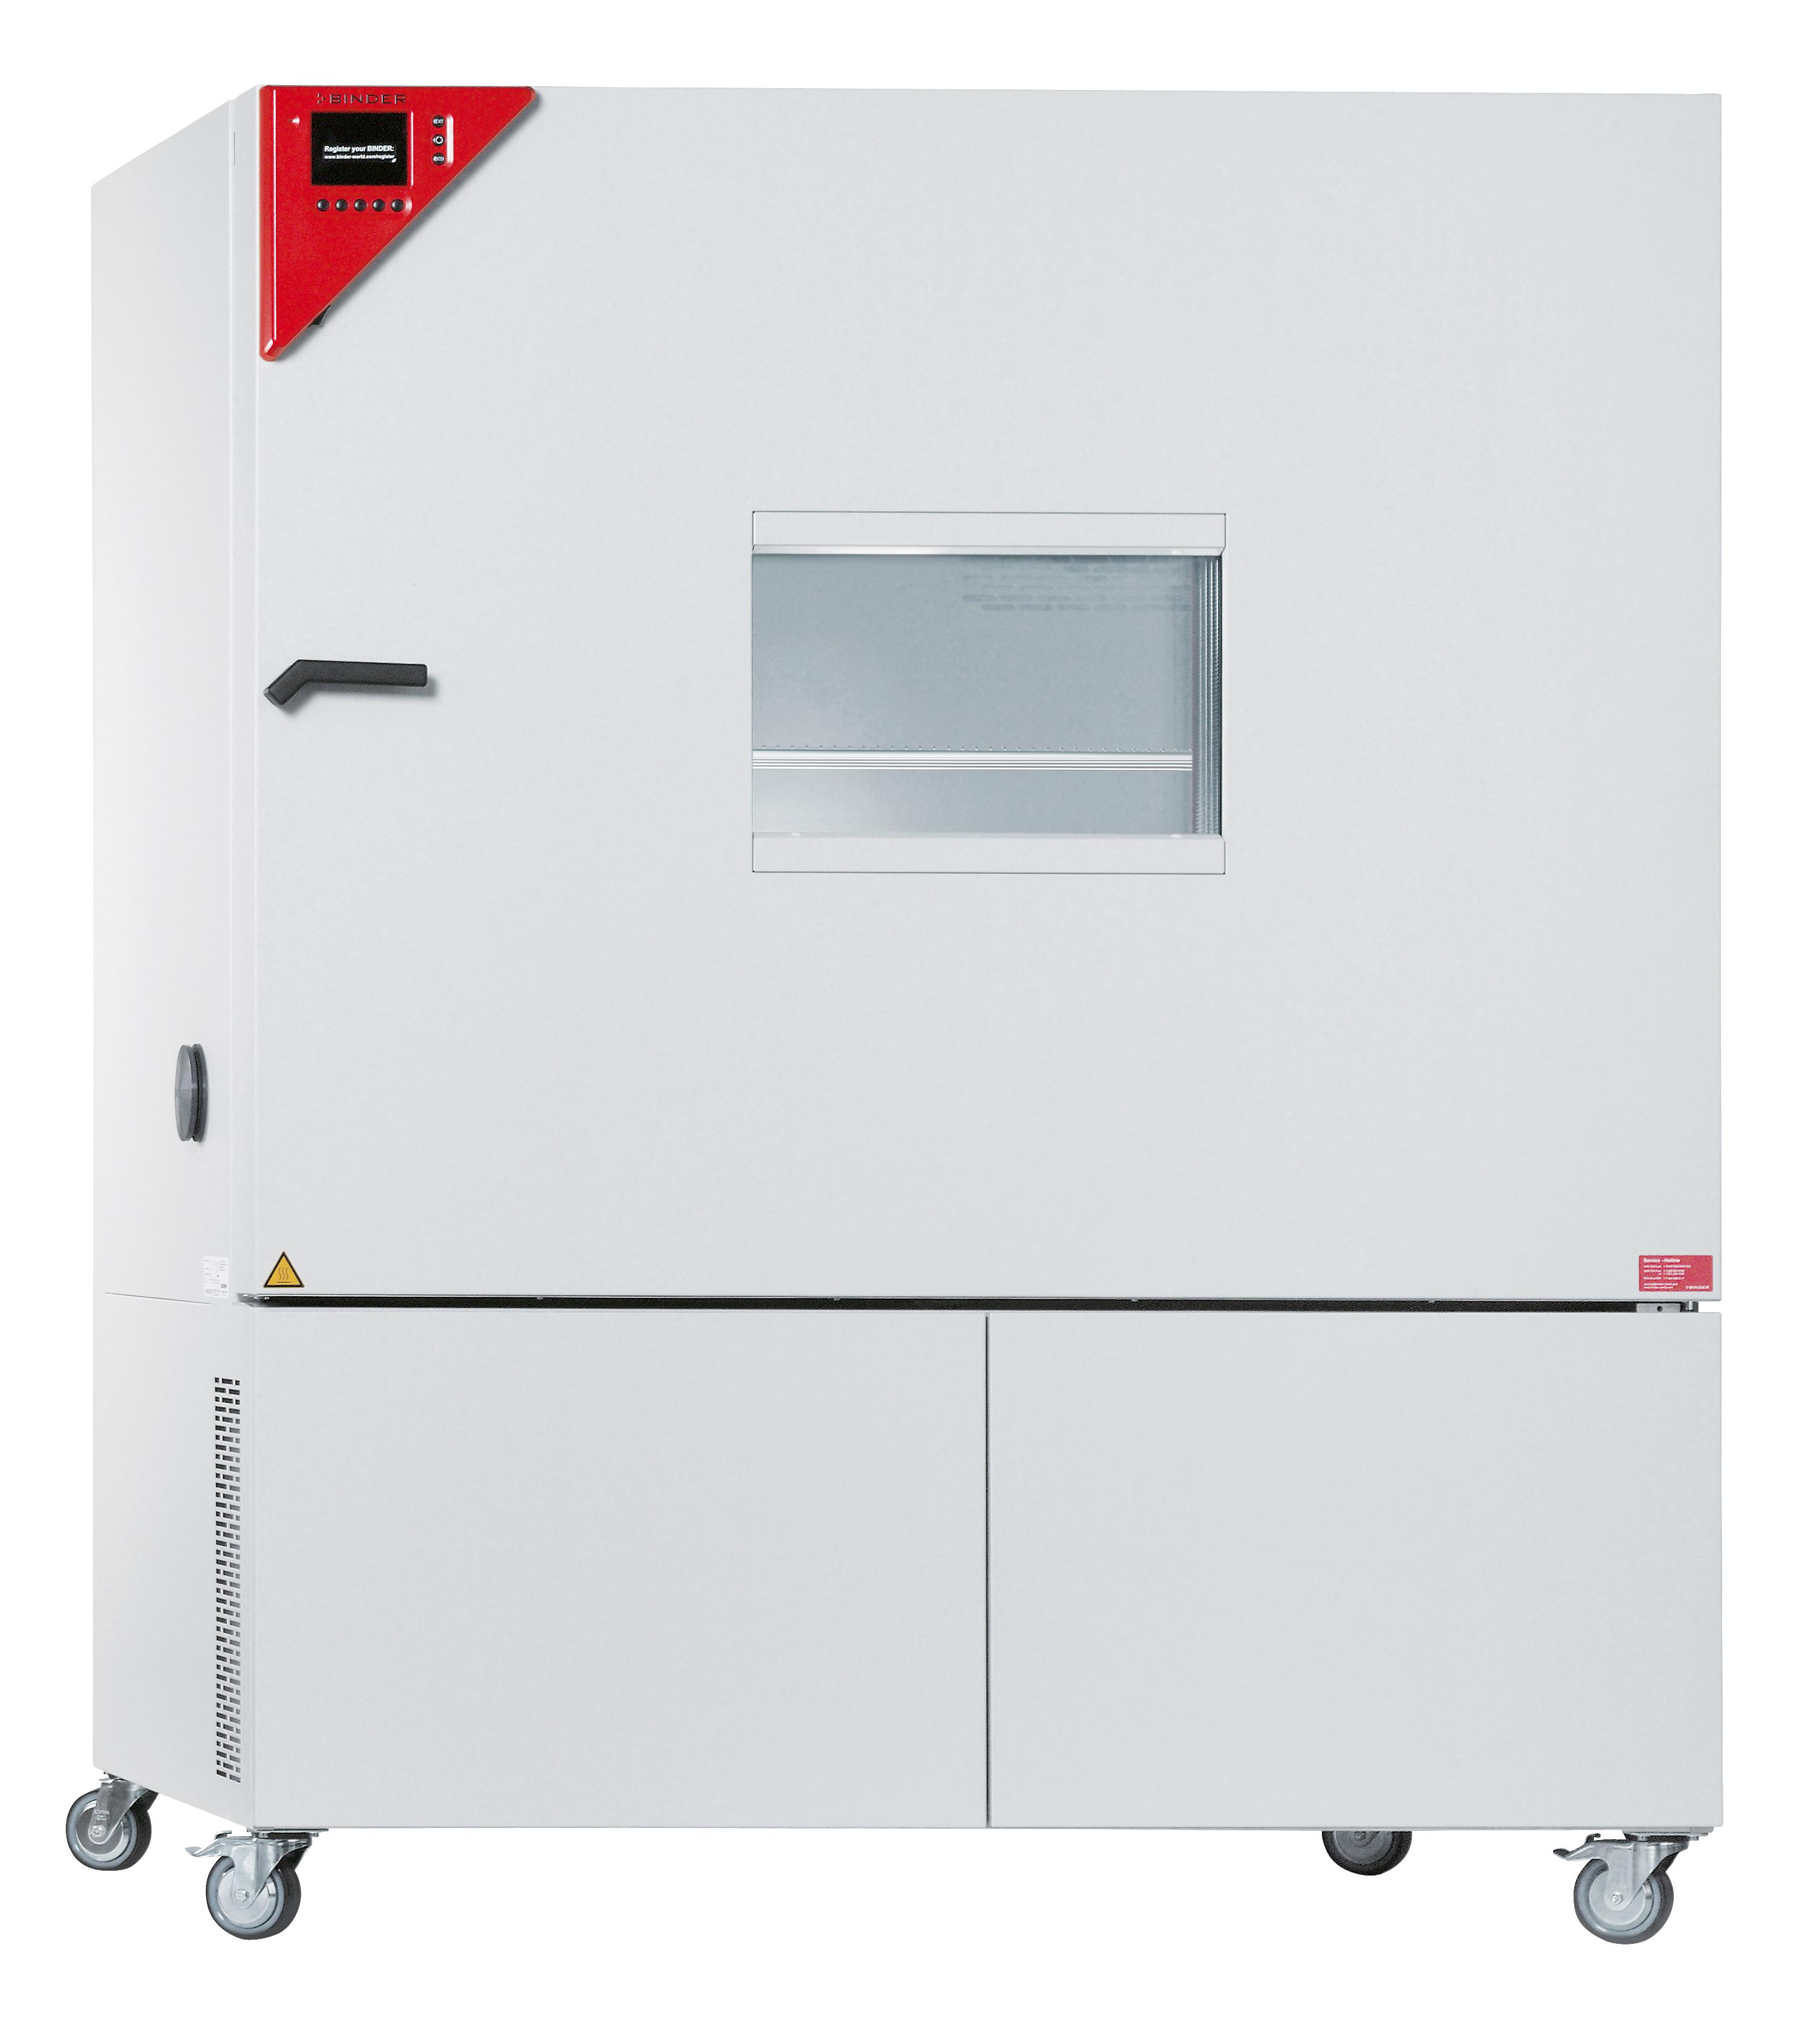 Binder MKFT 720 (1)